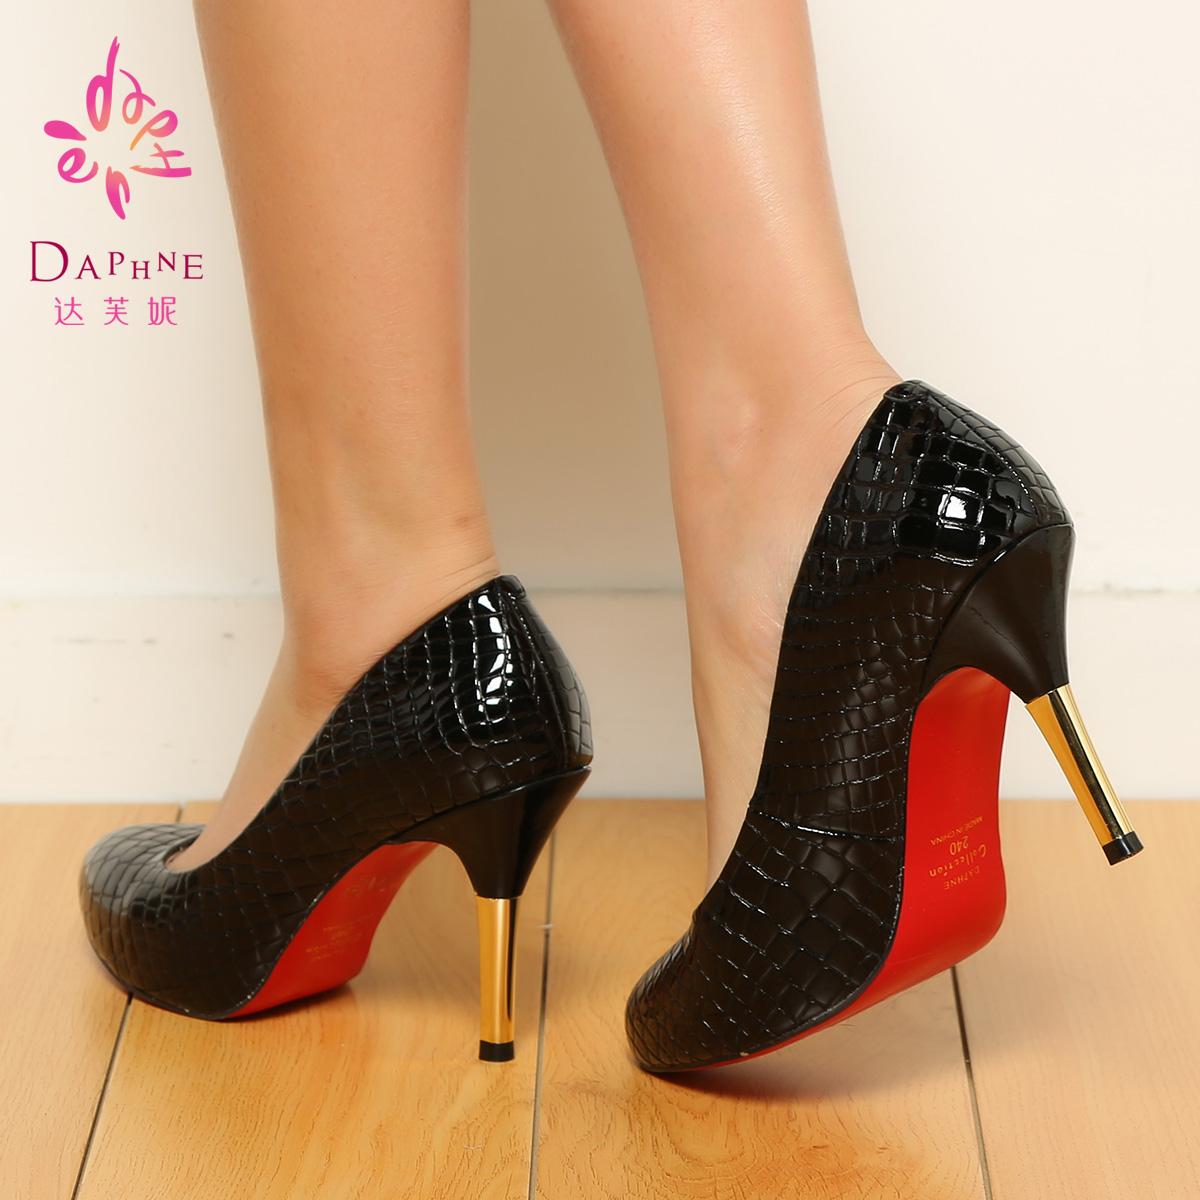 达芙妮尖头鞋 Daphne达芙妮专柜正品特价 新款春优雅浅口真皮尖头高细跟女单鞋_推荐淘宝好看的达芙妮尖头鞋